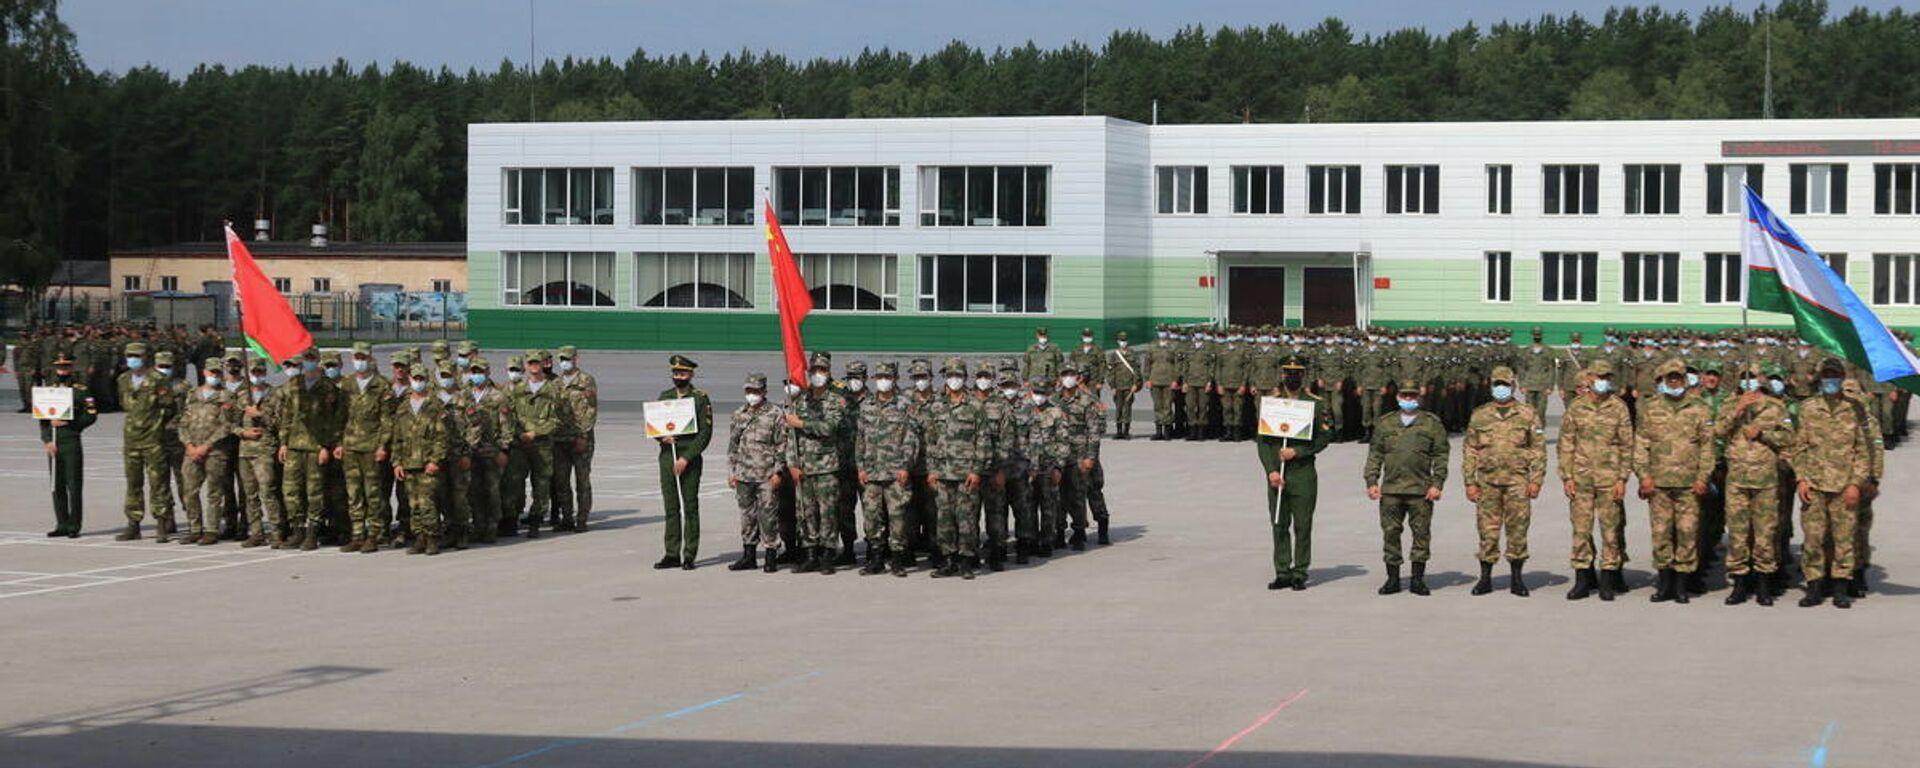 Военные из Узбекистана прибыли в Новосибирск для участие в одном из конкурсов АрМИ-2021 - Sputnik Узбекистан, 1920, 15.08.2021